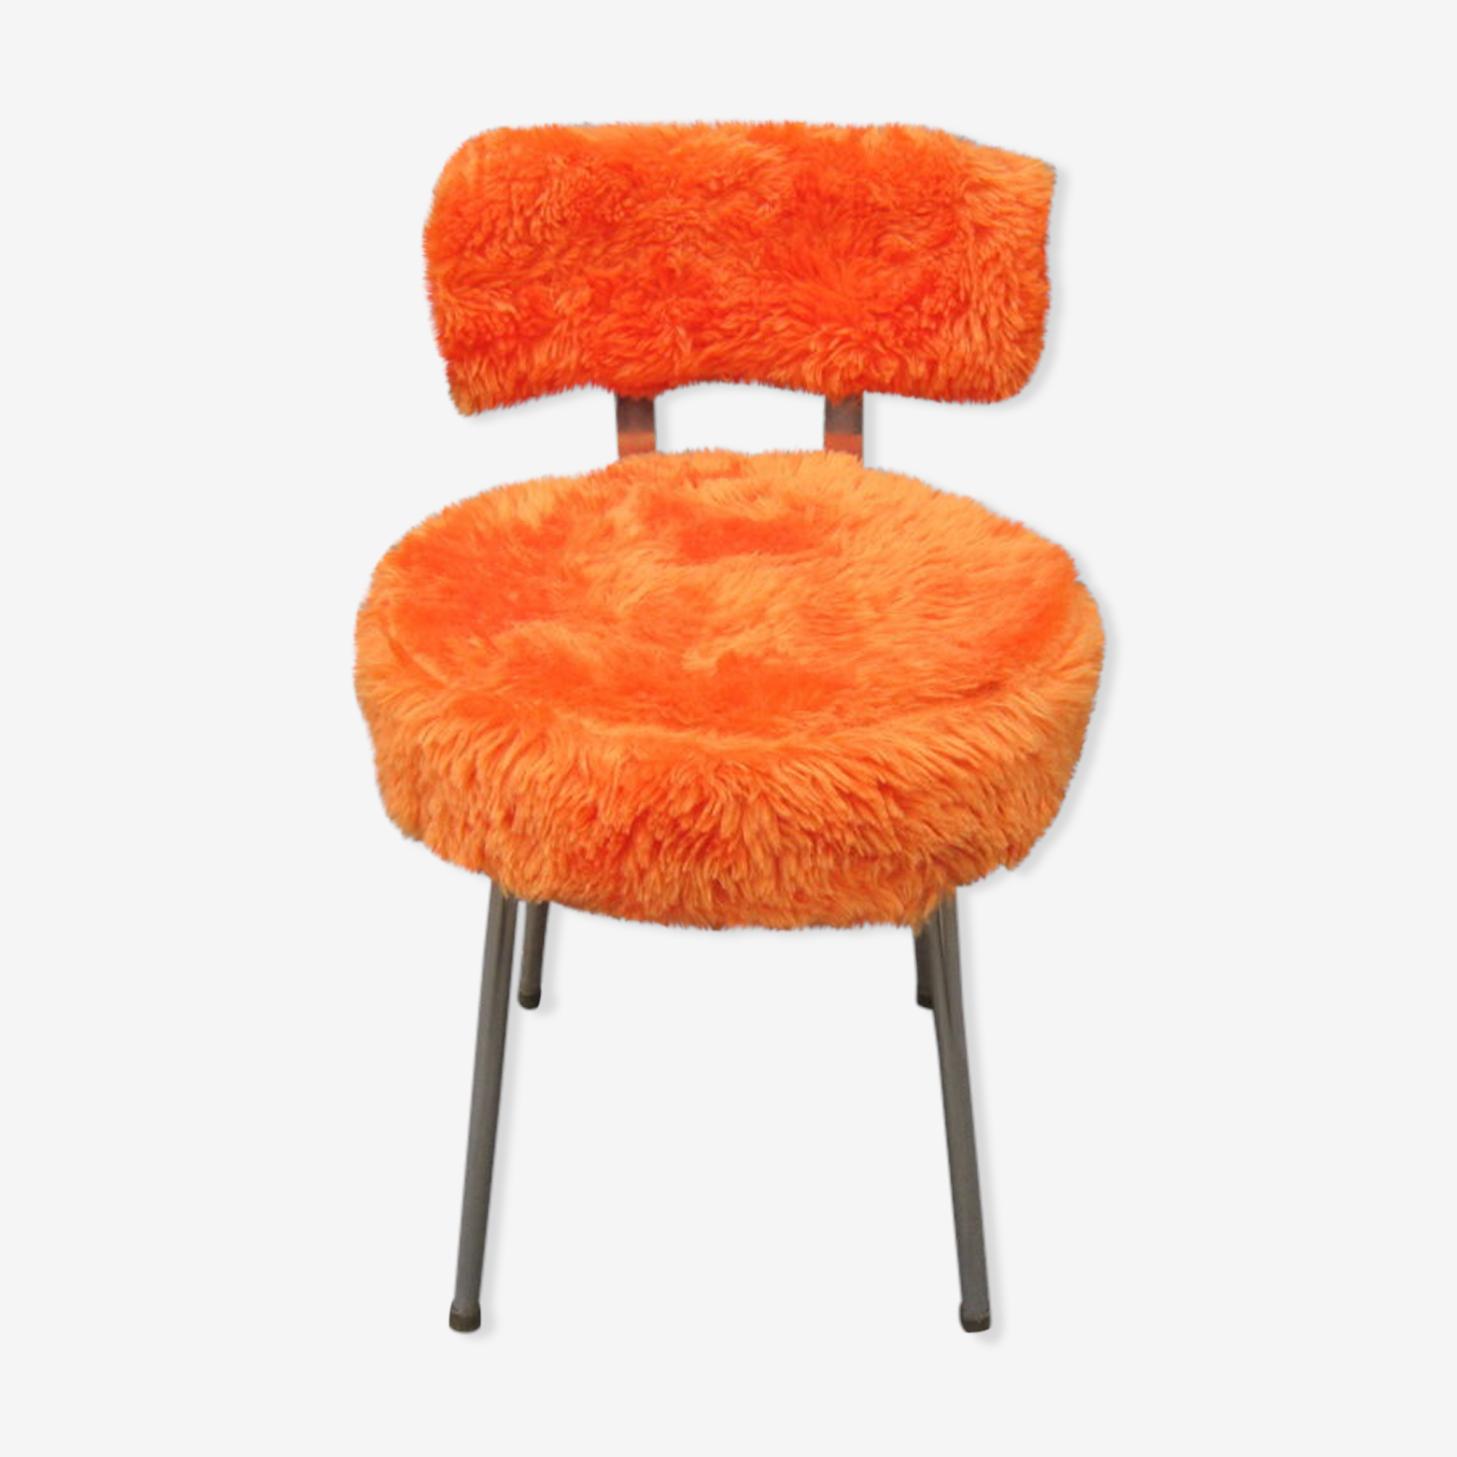 Chaise moumoute orange années 70